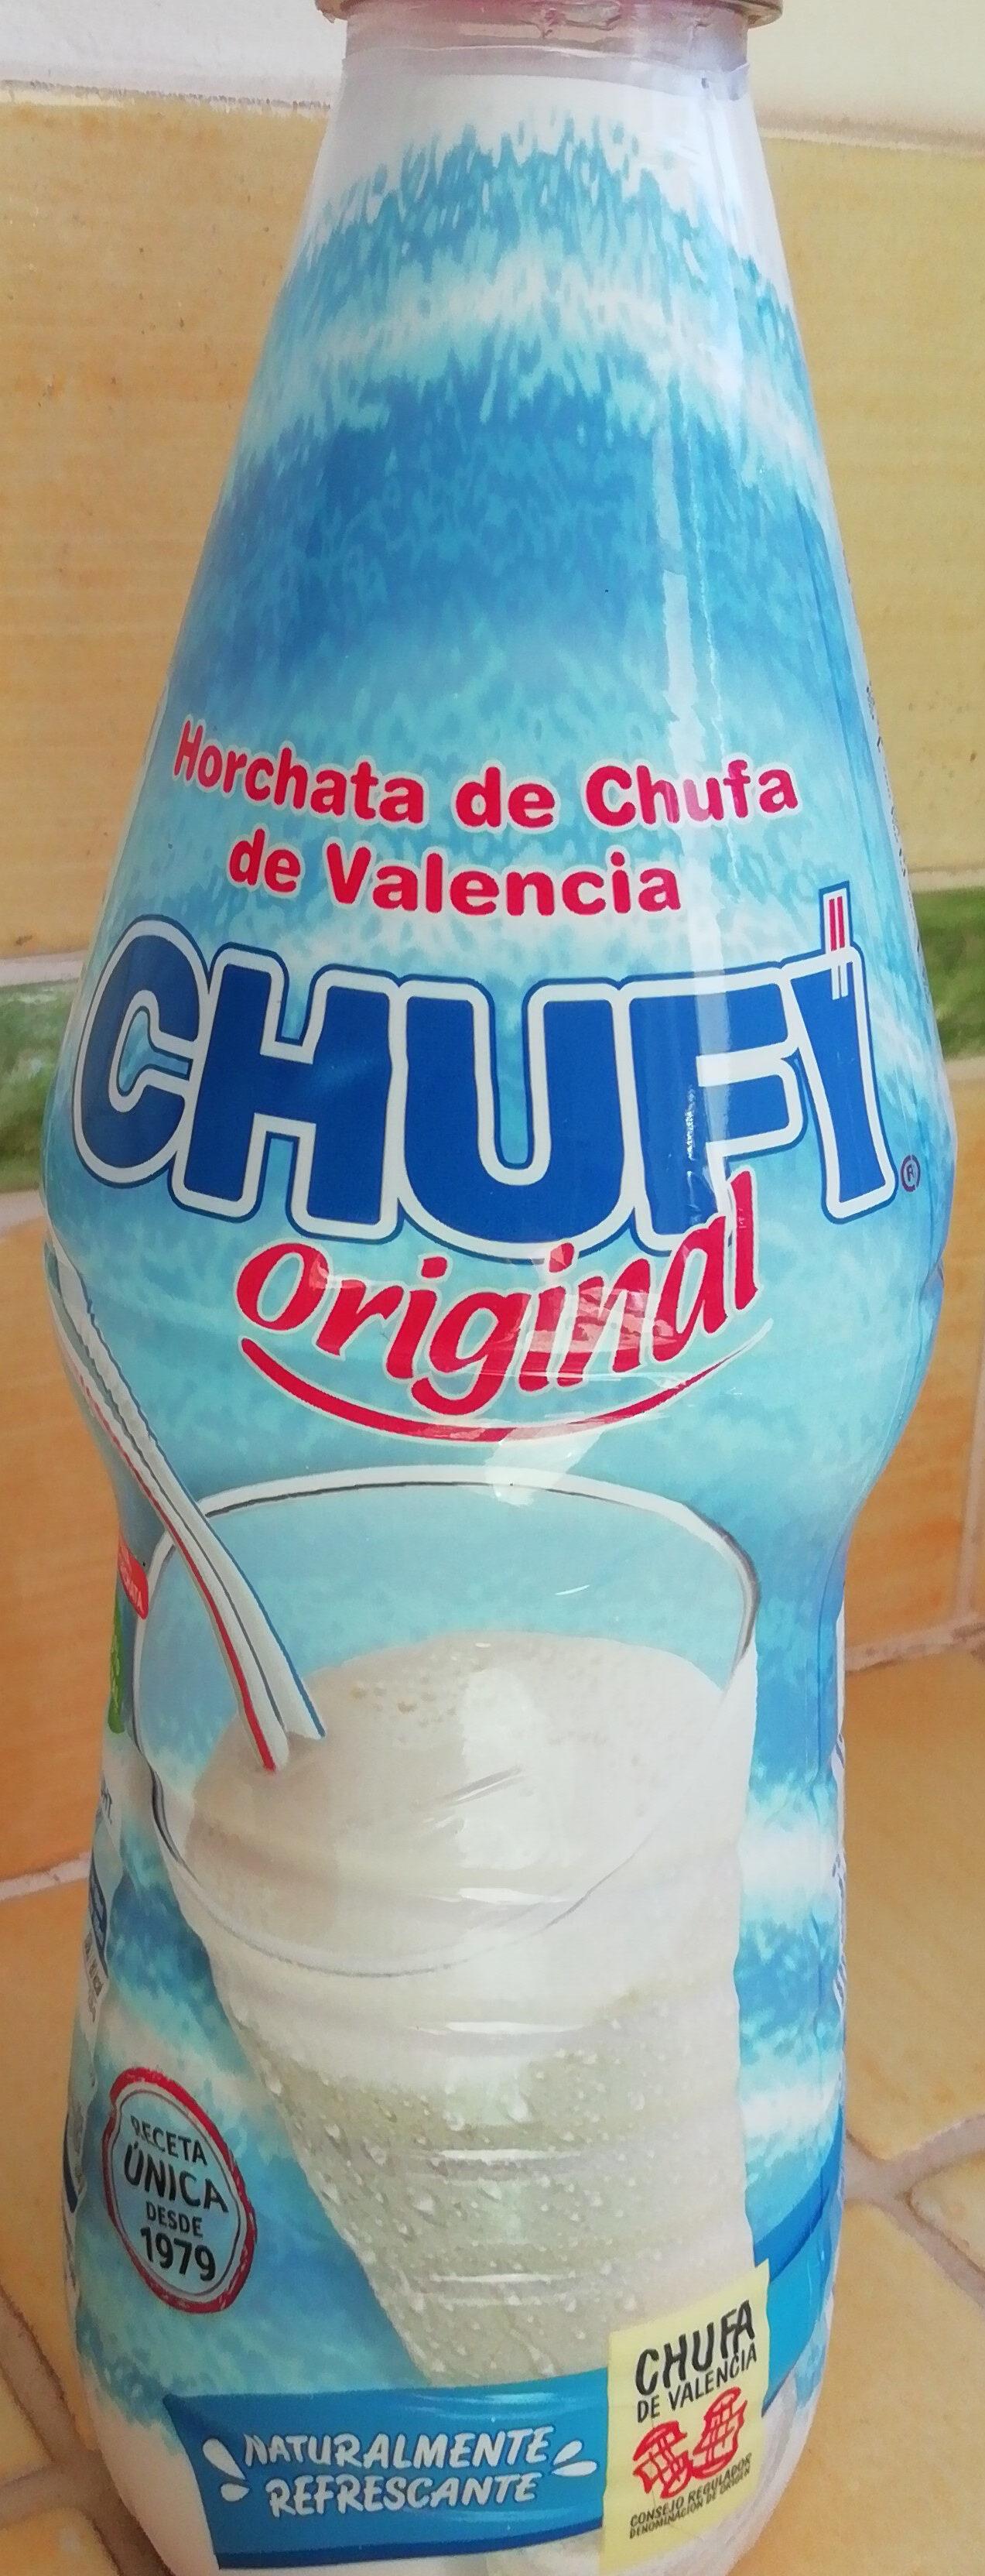 Horchata de chufa original - Product - es